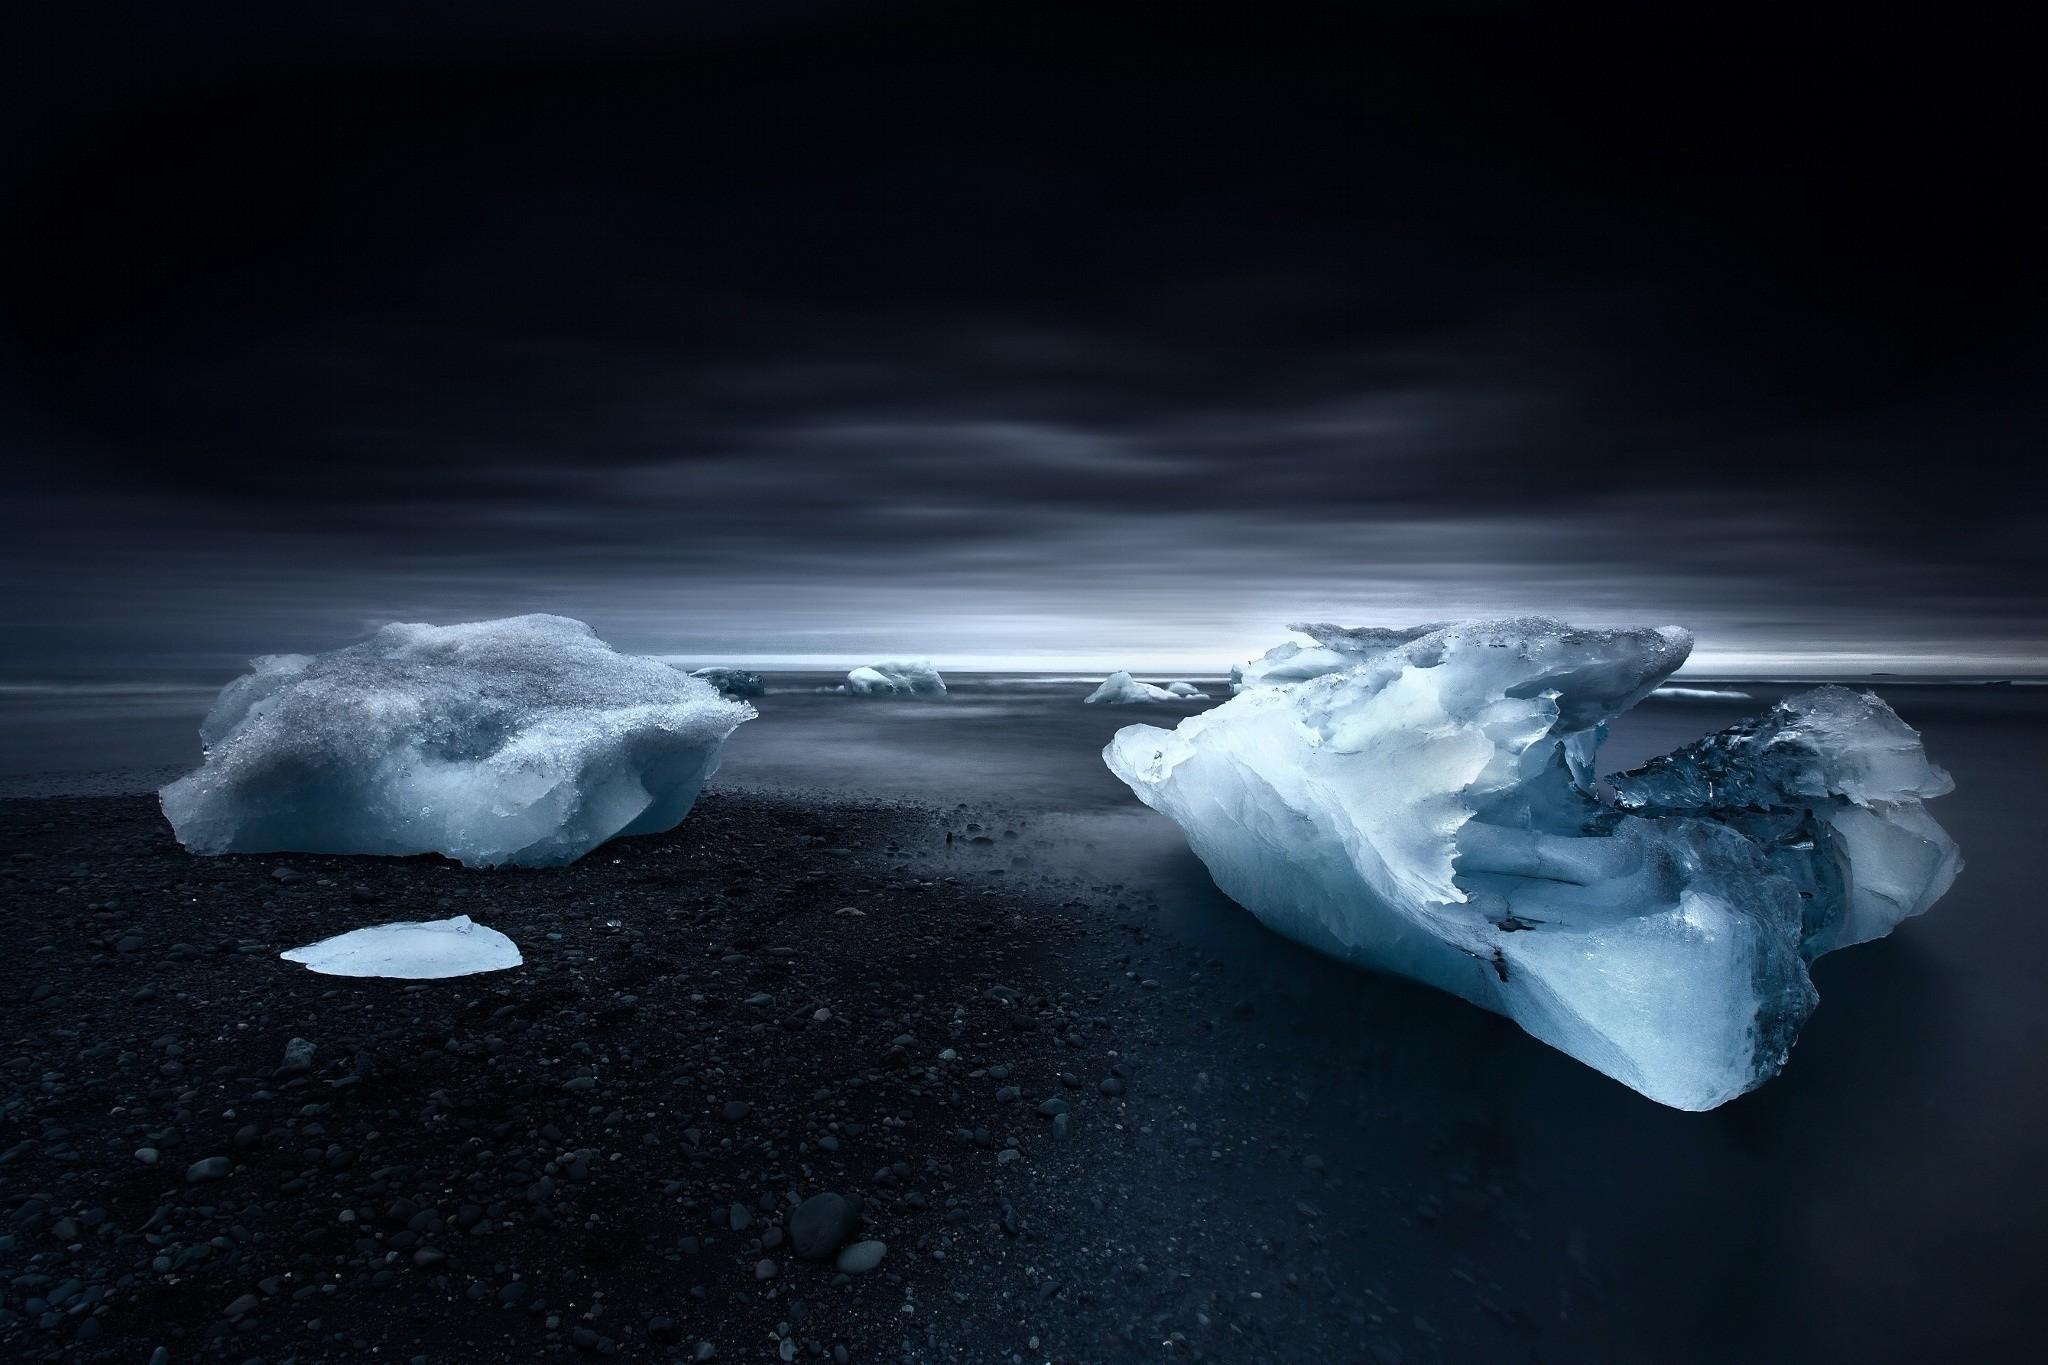 картинки ледяные ночи